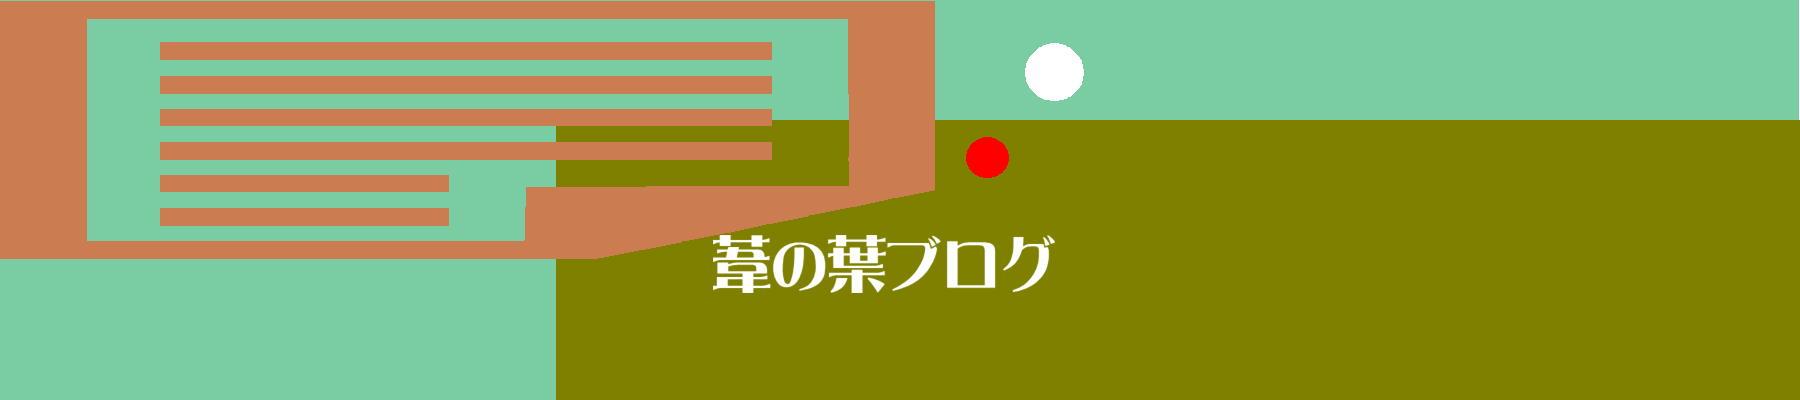 葦の葉ブログ